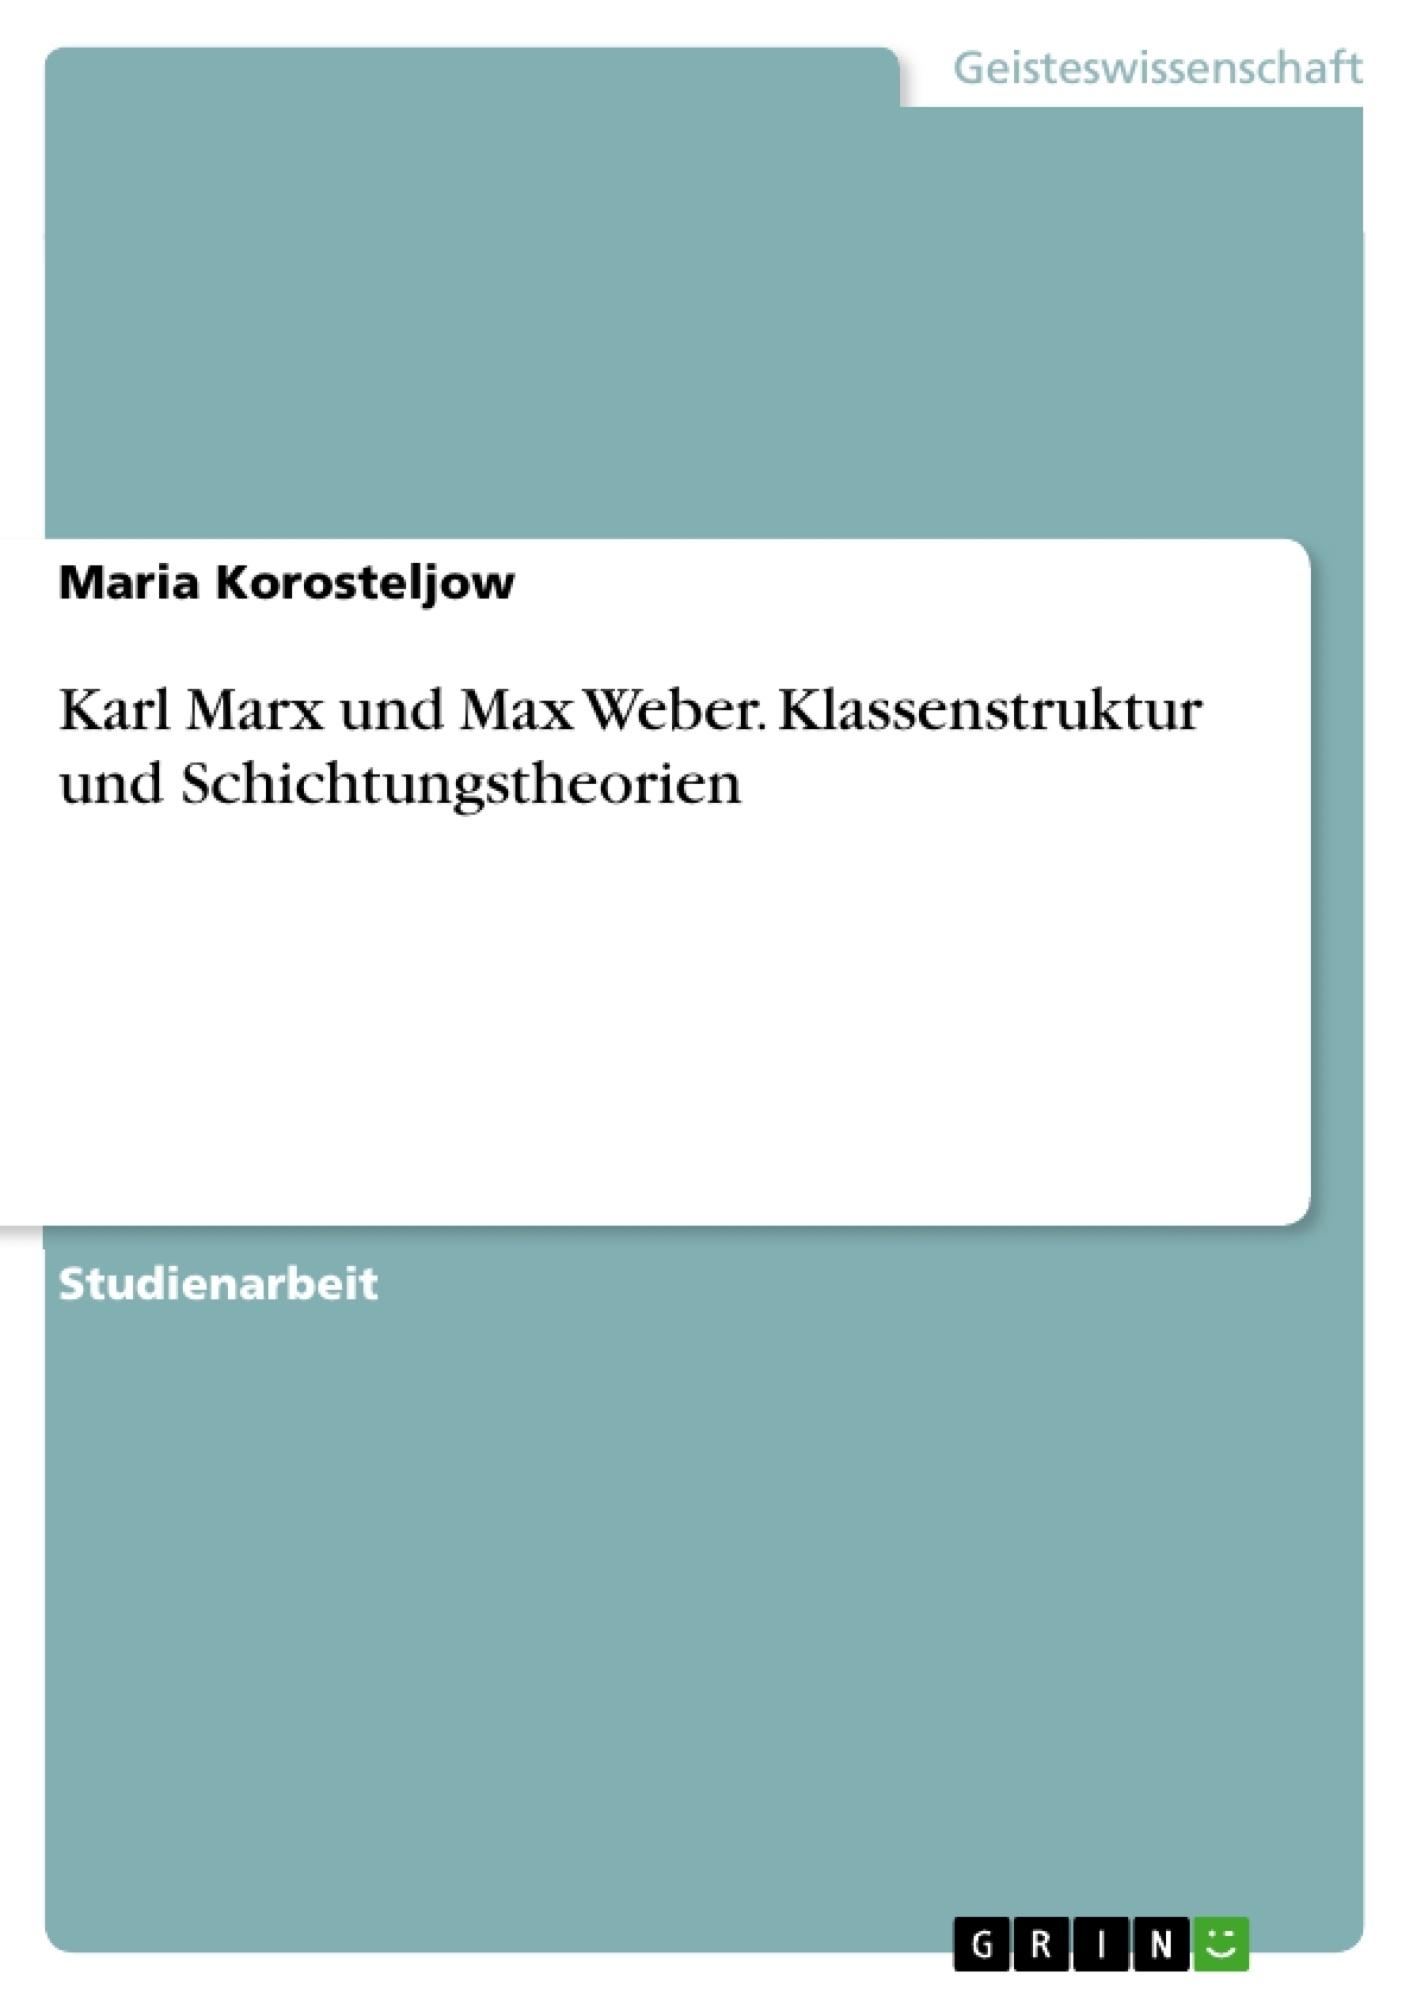 Titel: Karl Marx und Max Weber. Klassenstruktur und Schichtungstheorien